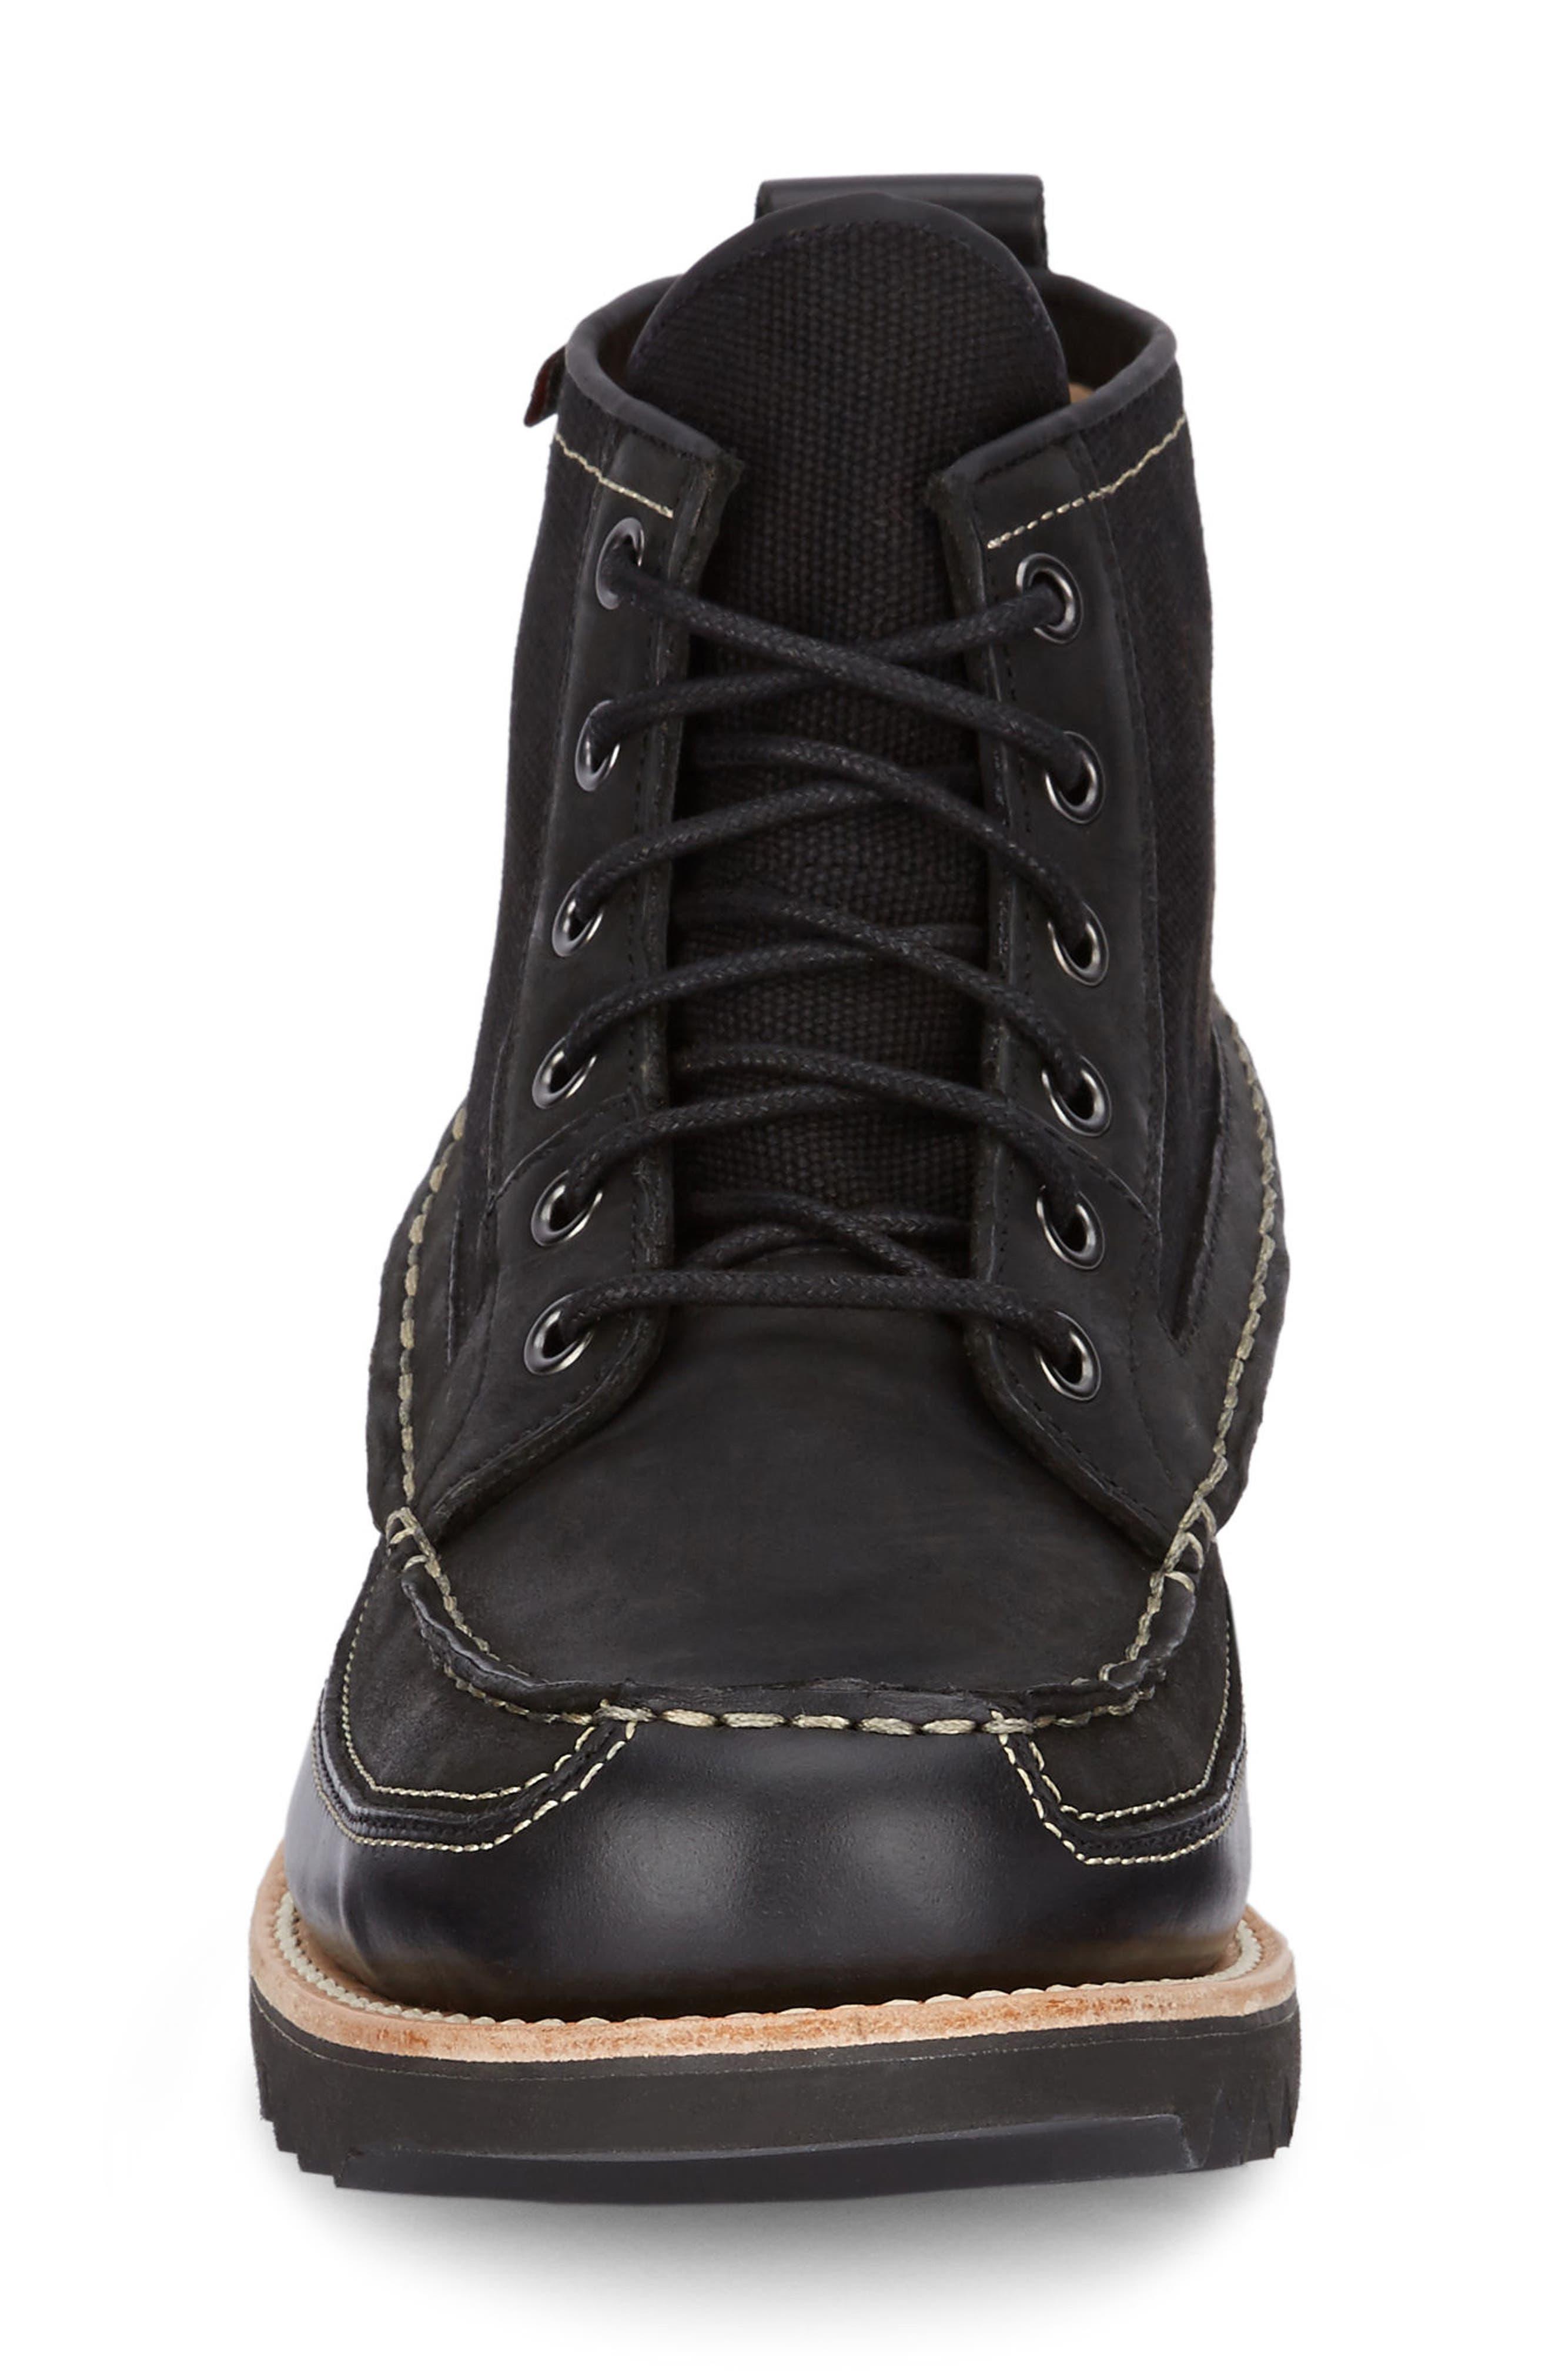 Nickson Razor Moc Toe Boot,                             Alternate thumbnail 4, color,                             Black